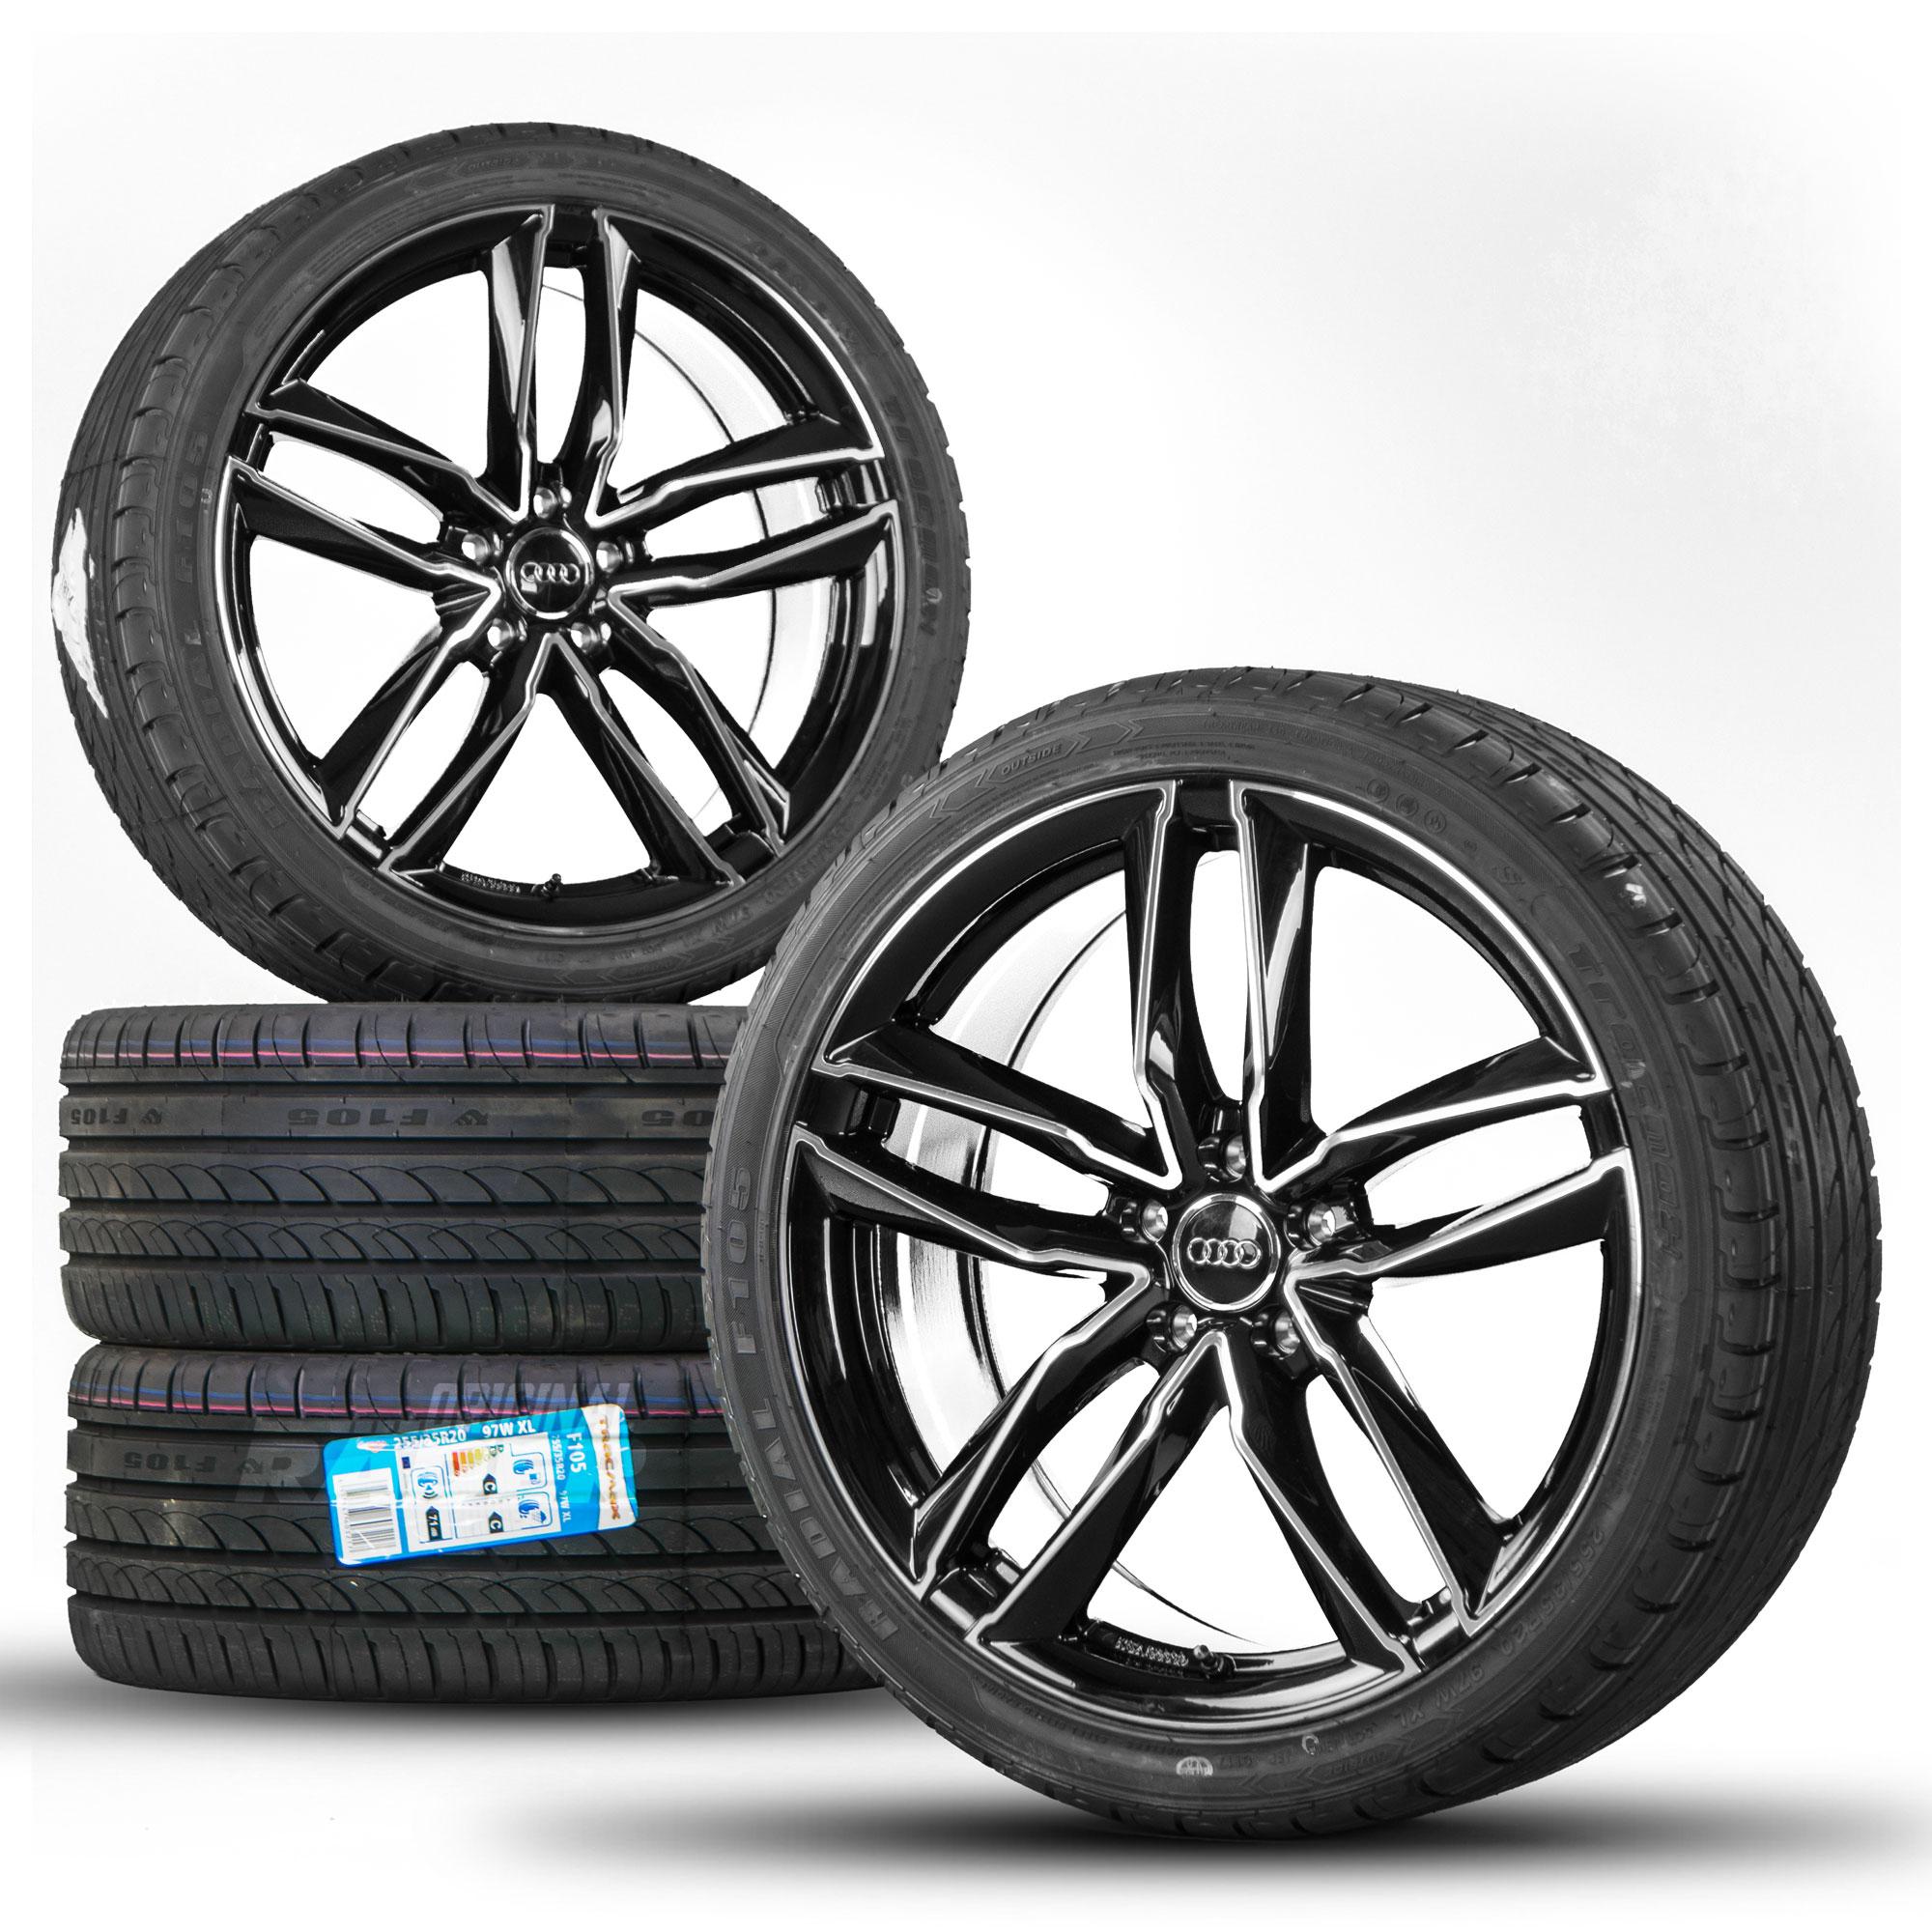 19 Inch Alloy Wheels For Audi A3 8v A4 S4 A5 S5 A6 A7 A8 Q3 Tt Rims S Line Motec Hersteller Audi